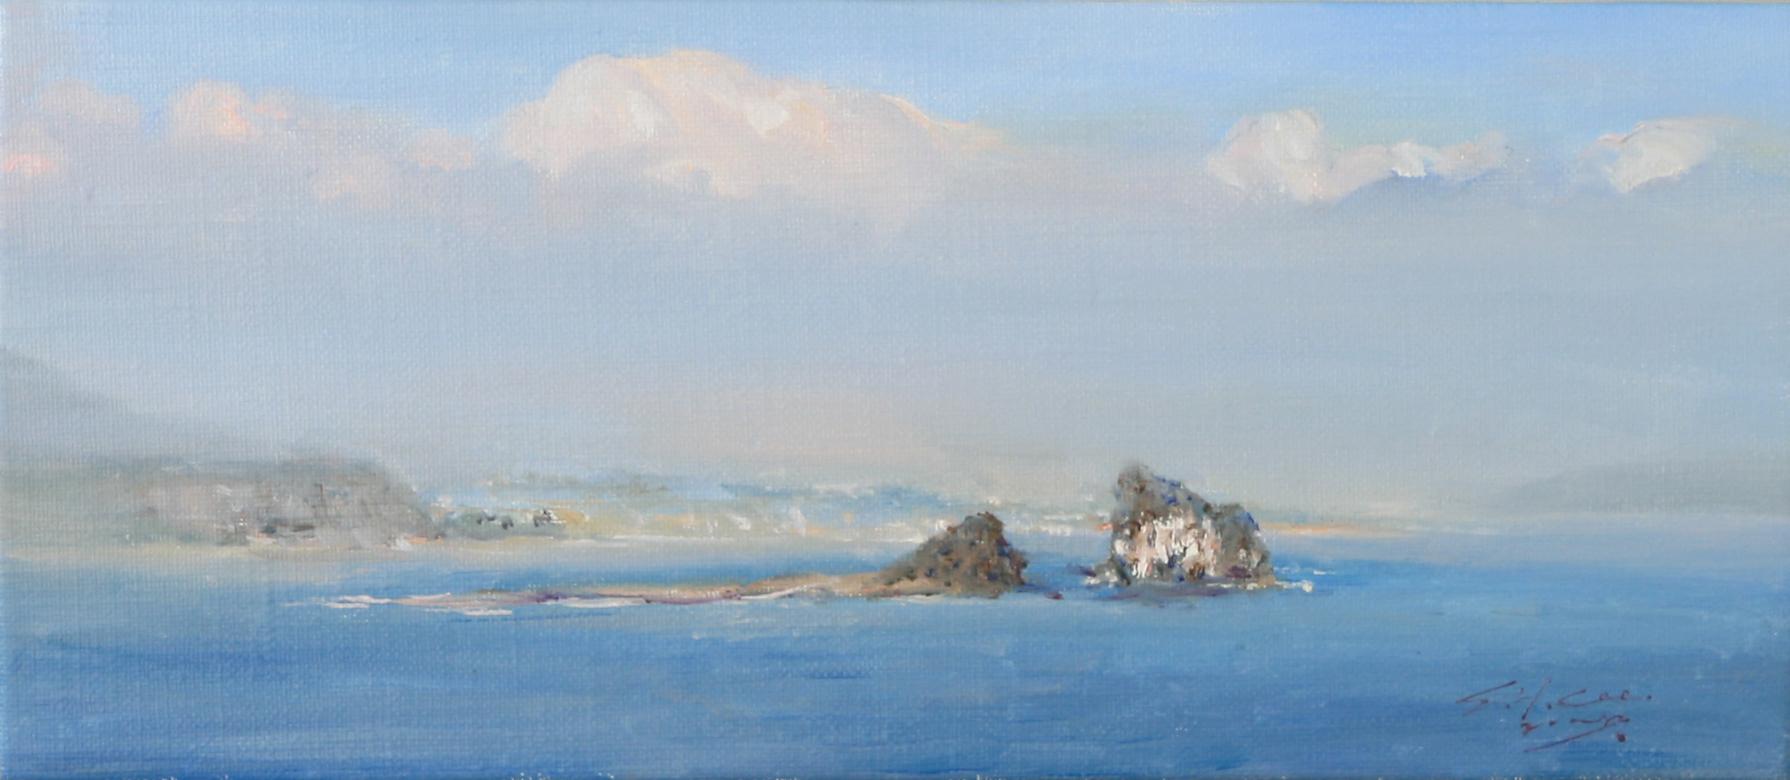 섬이 보이는 제주도 35x13  Oil on canvas 2008